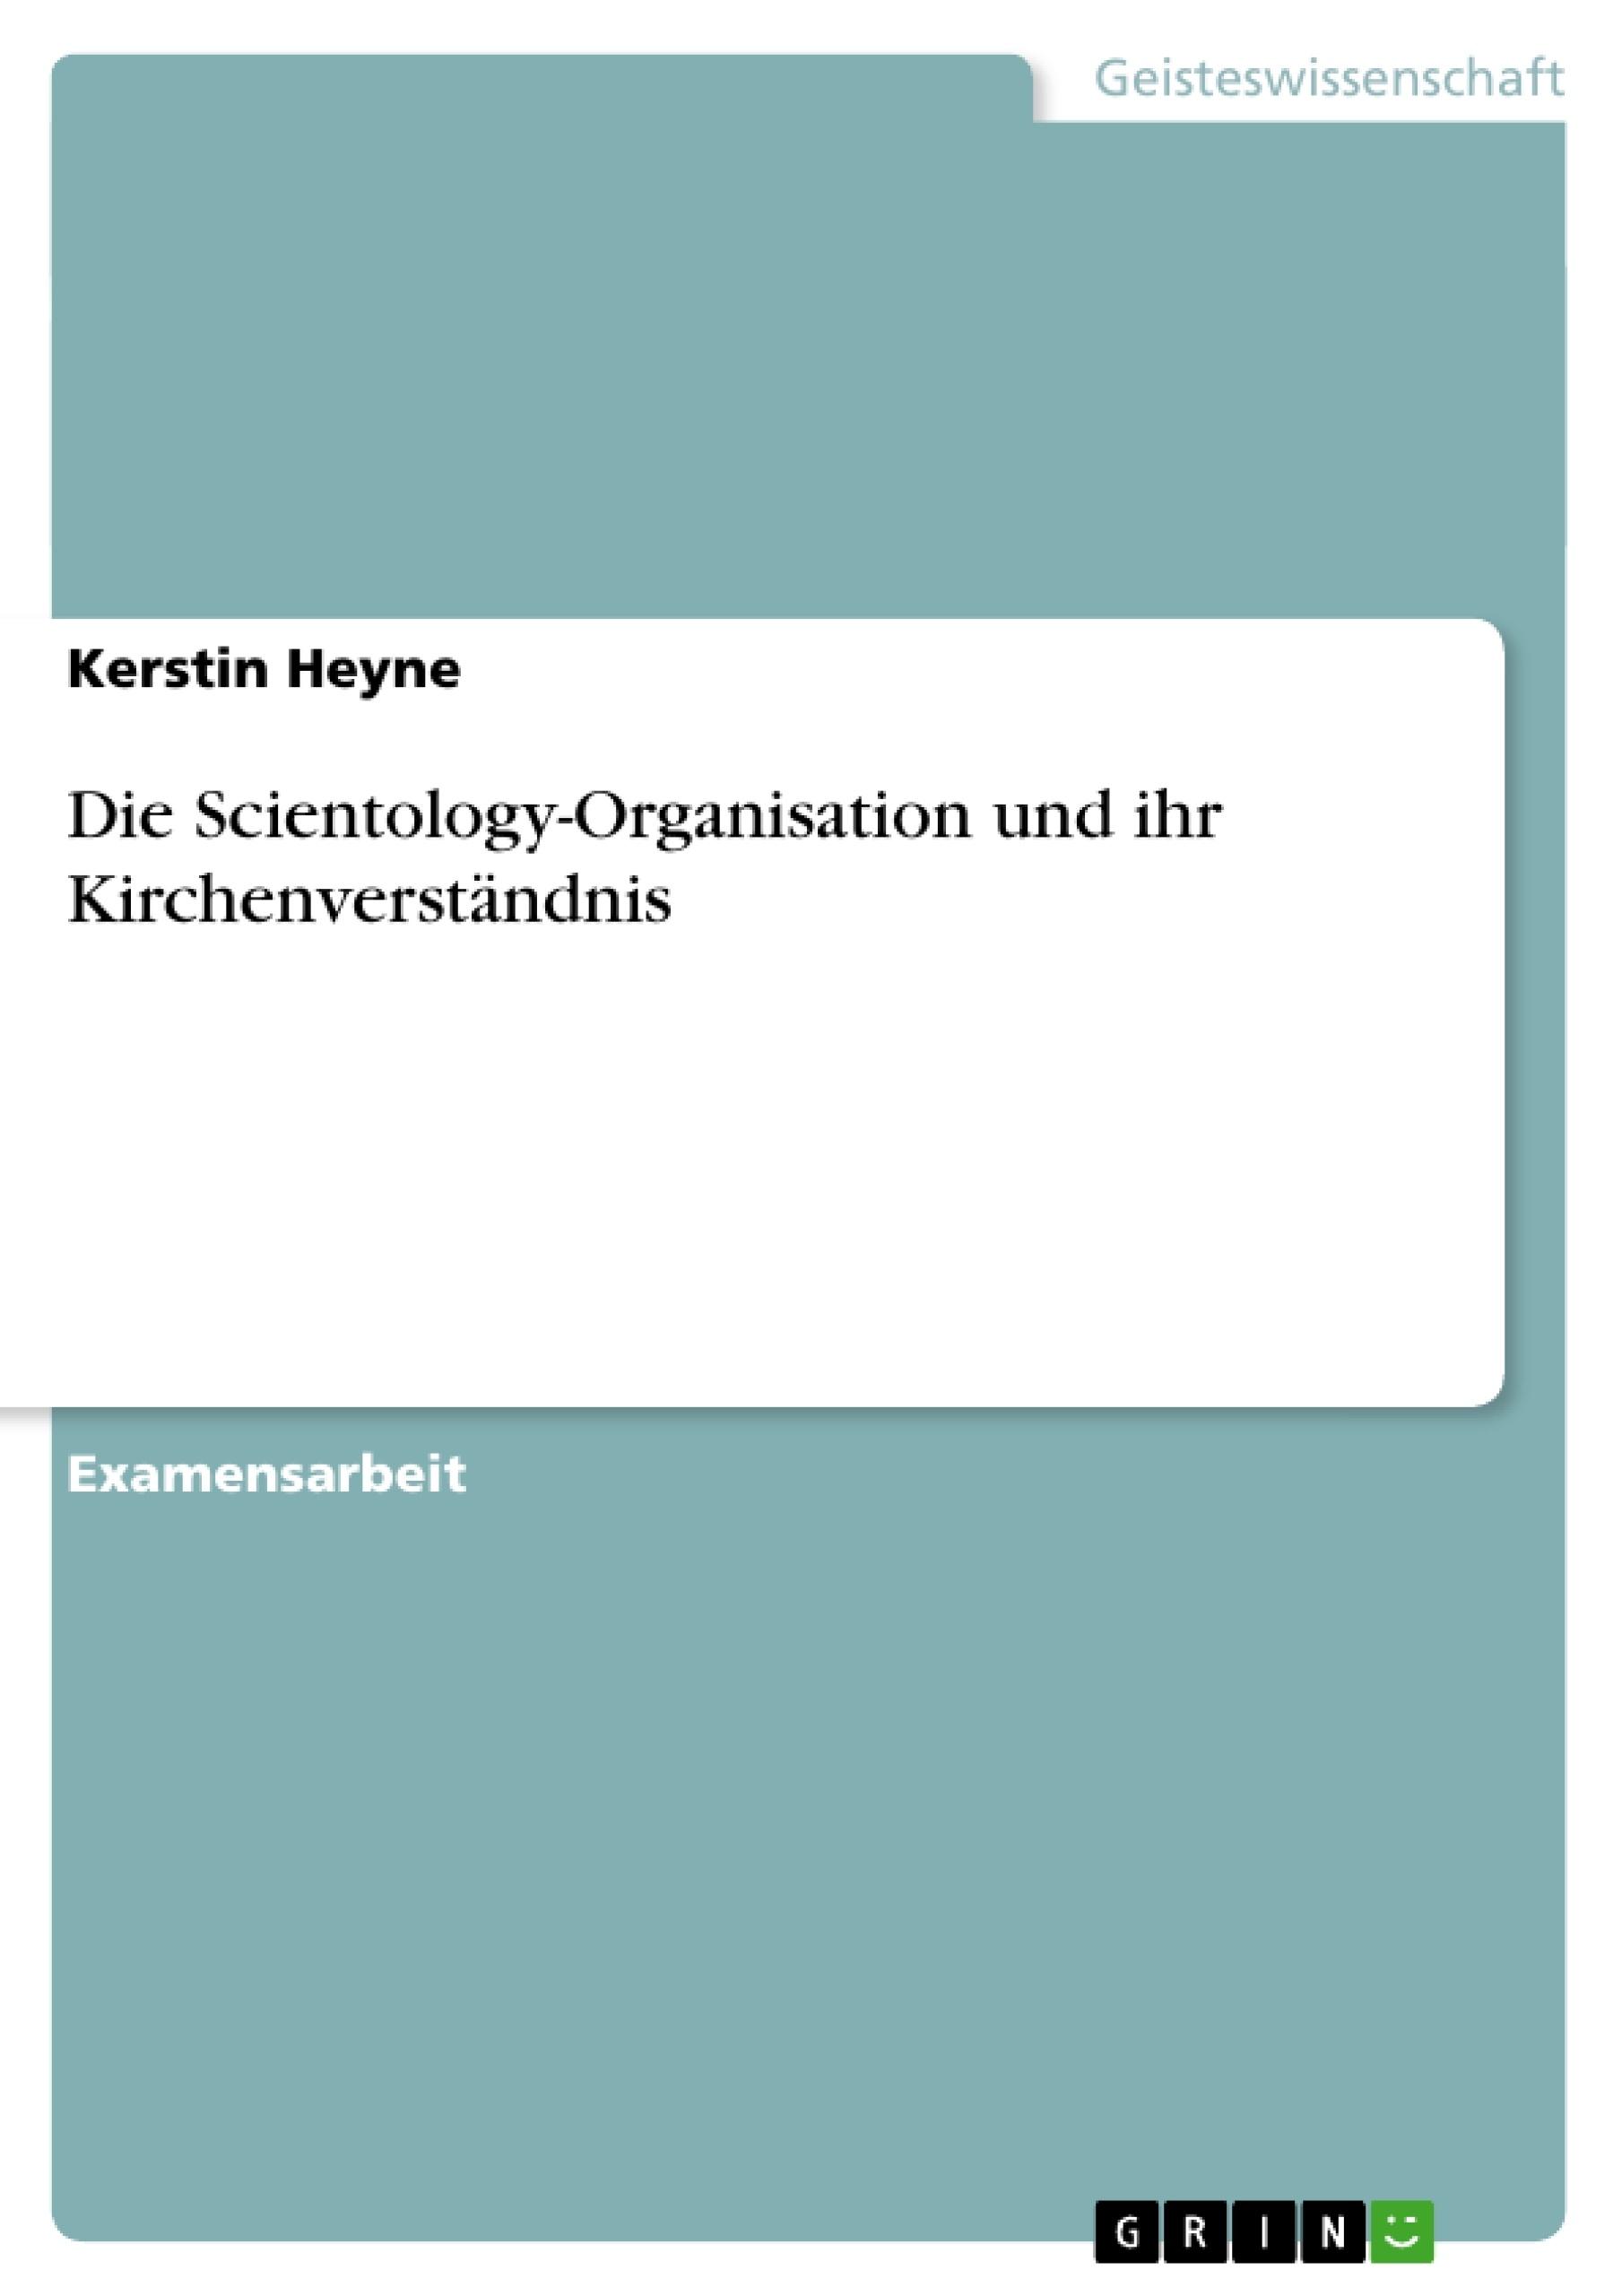 Titel: Die Scientology-Organisation und ihr Kirchenverständnis